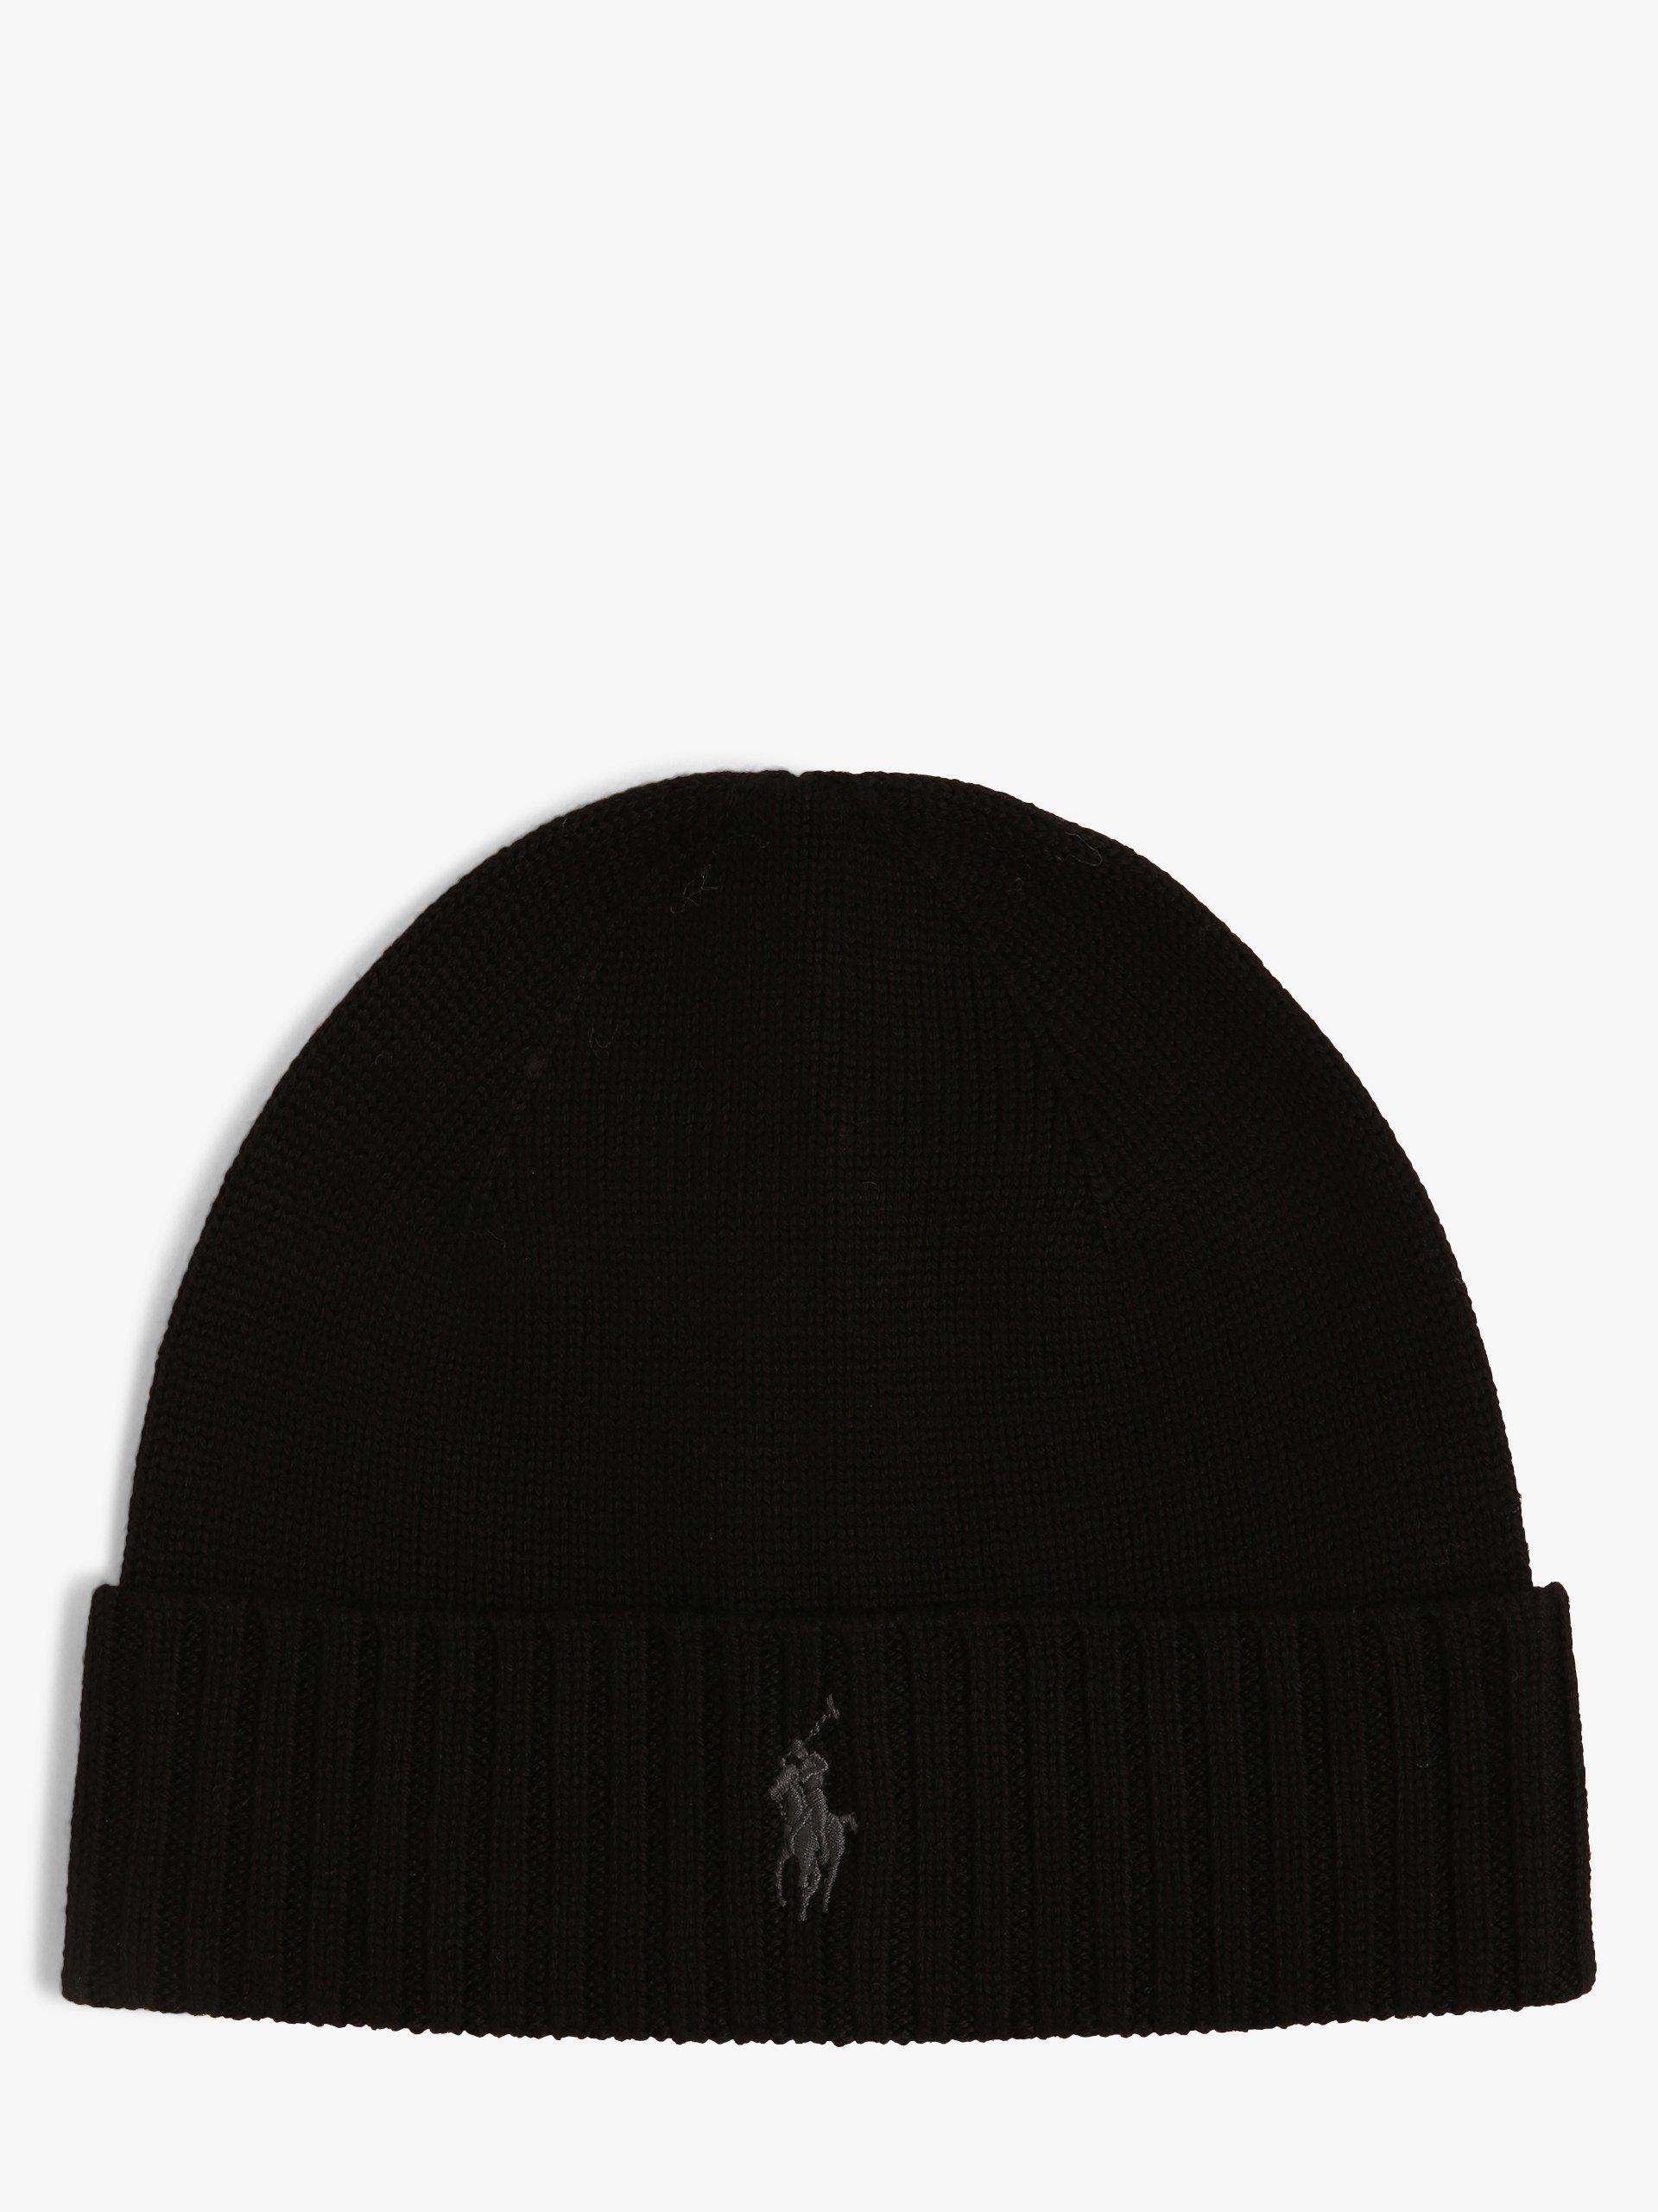 Polo Ralph Lauren Herren Mütze